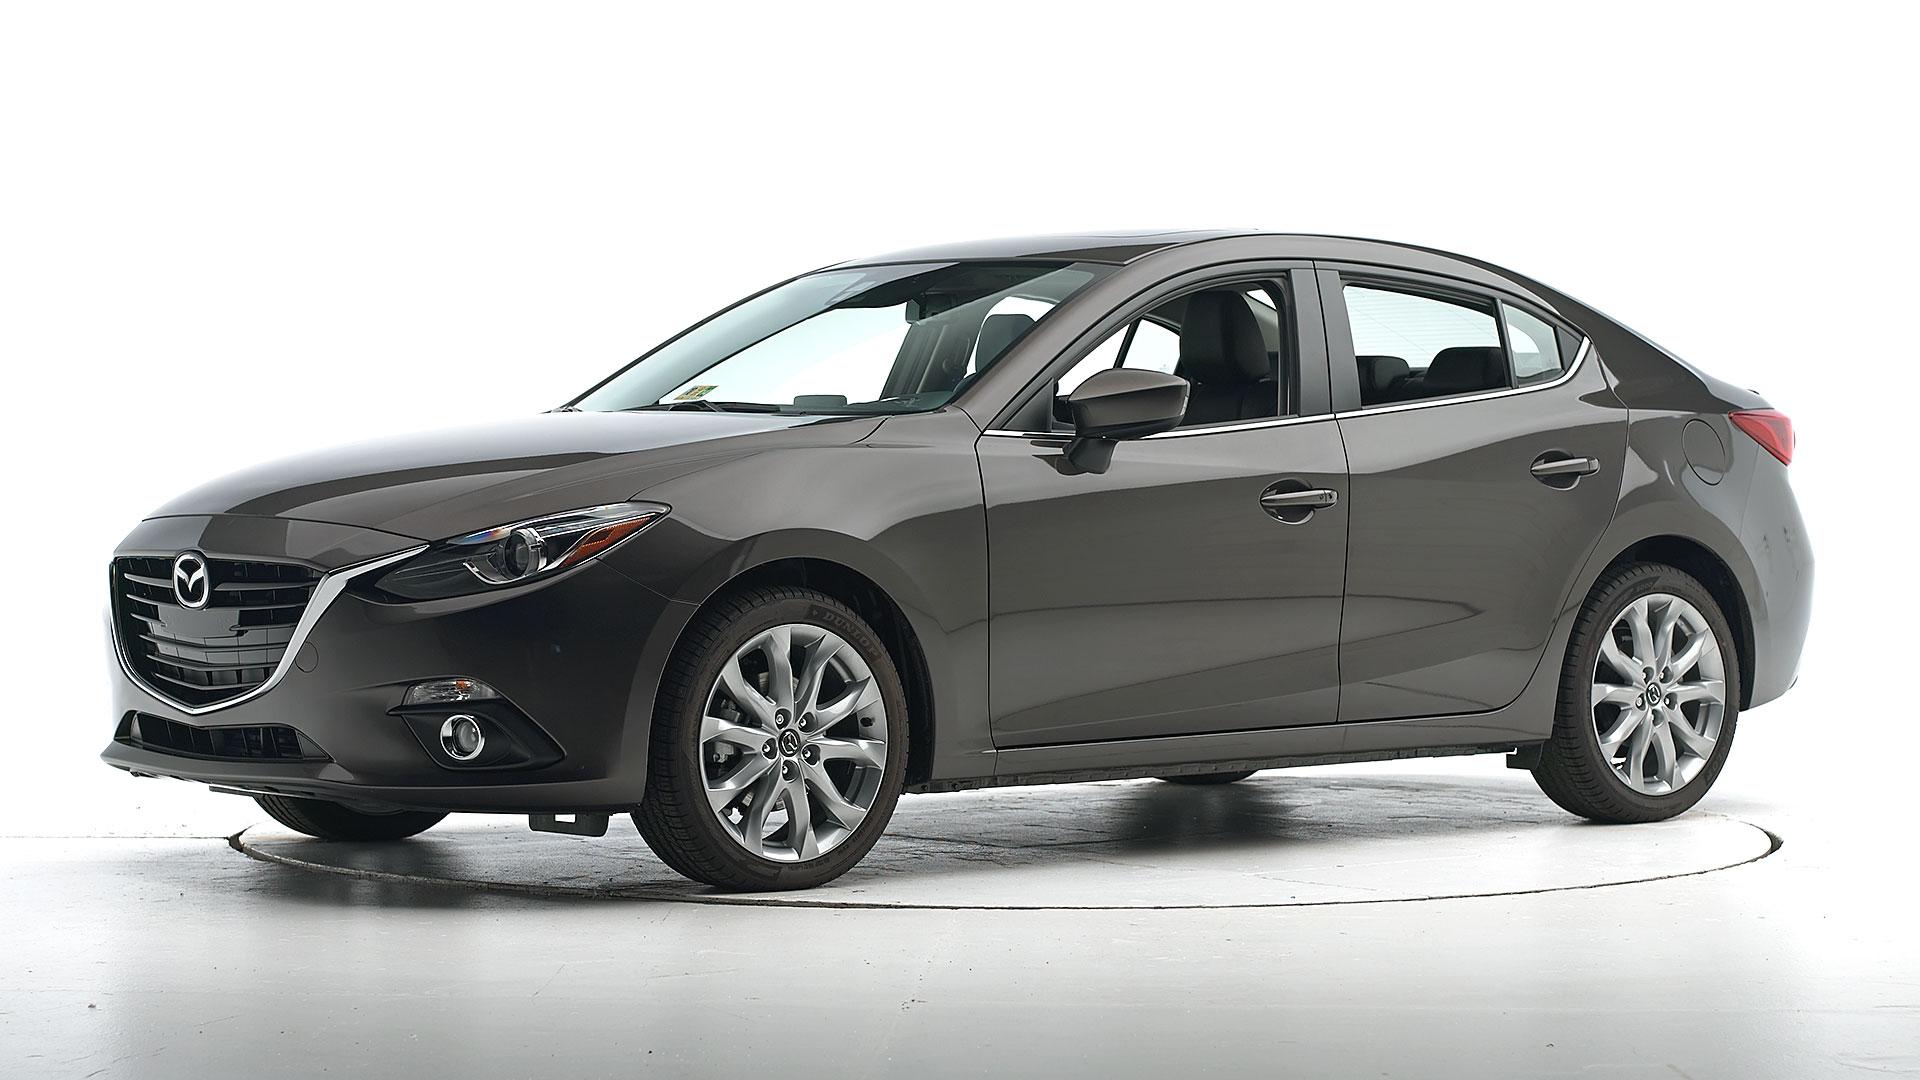 Iihs Safety Ratings >> 2016 Mazda 3